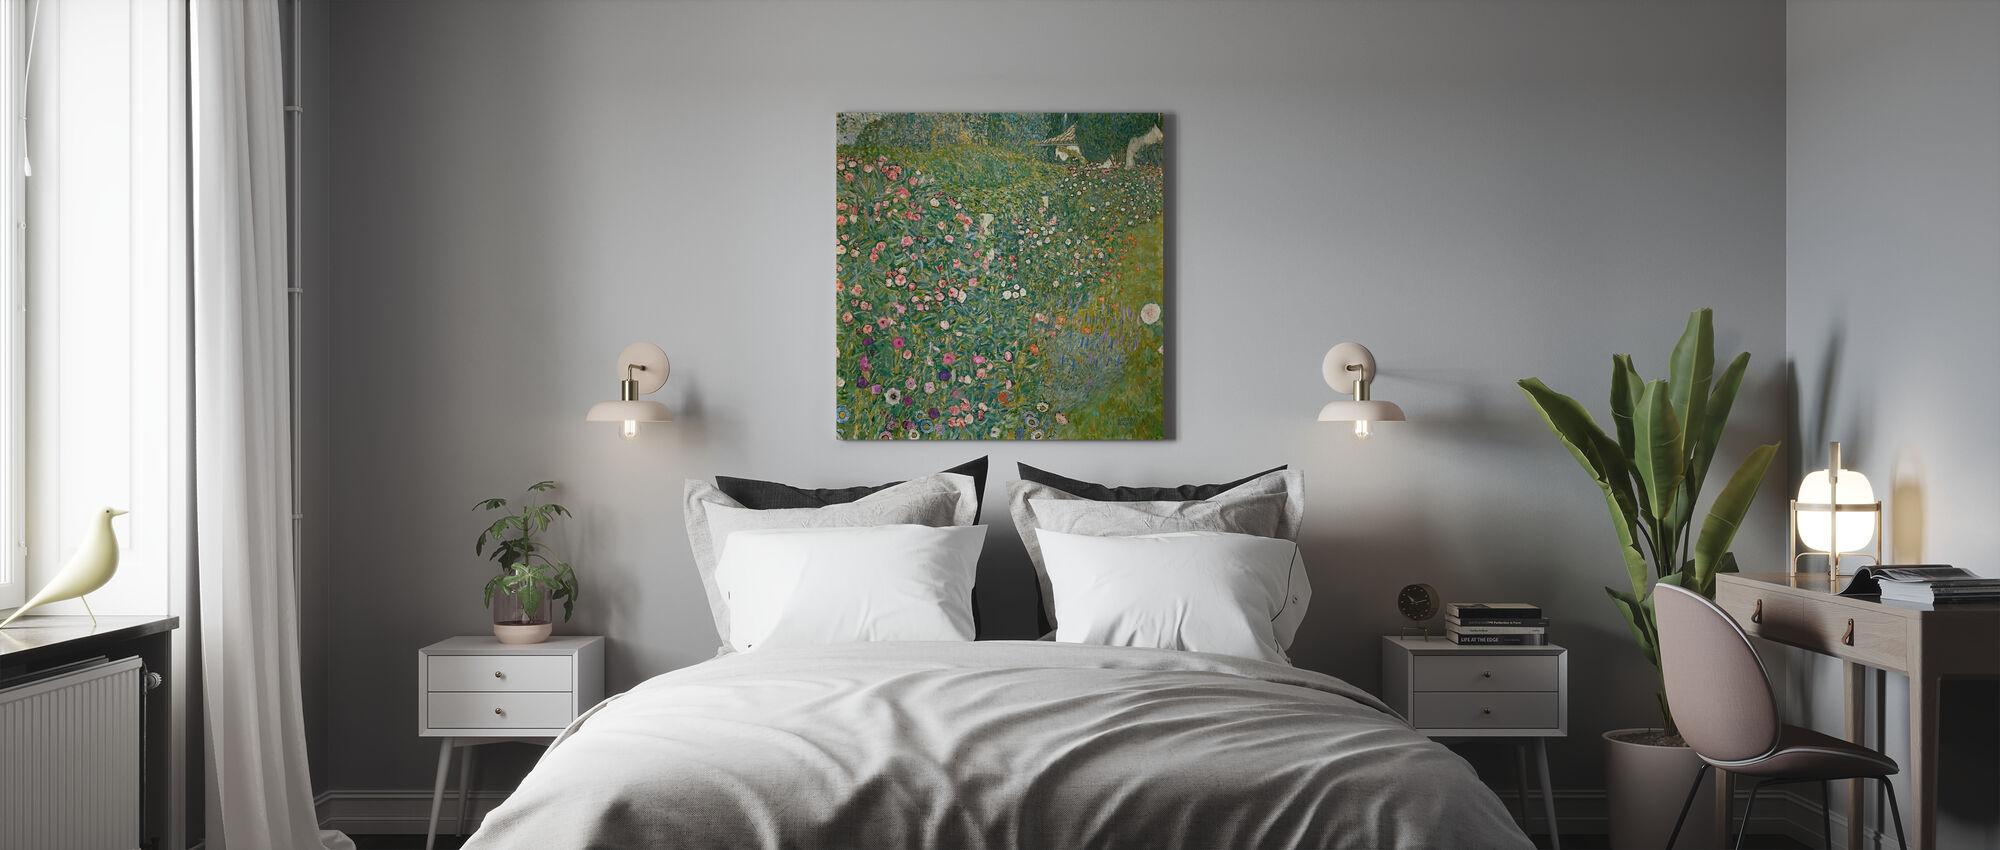 Klimt, Gustav - Italiaans tuinlandschap - Canvas print - Slaapkamer